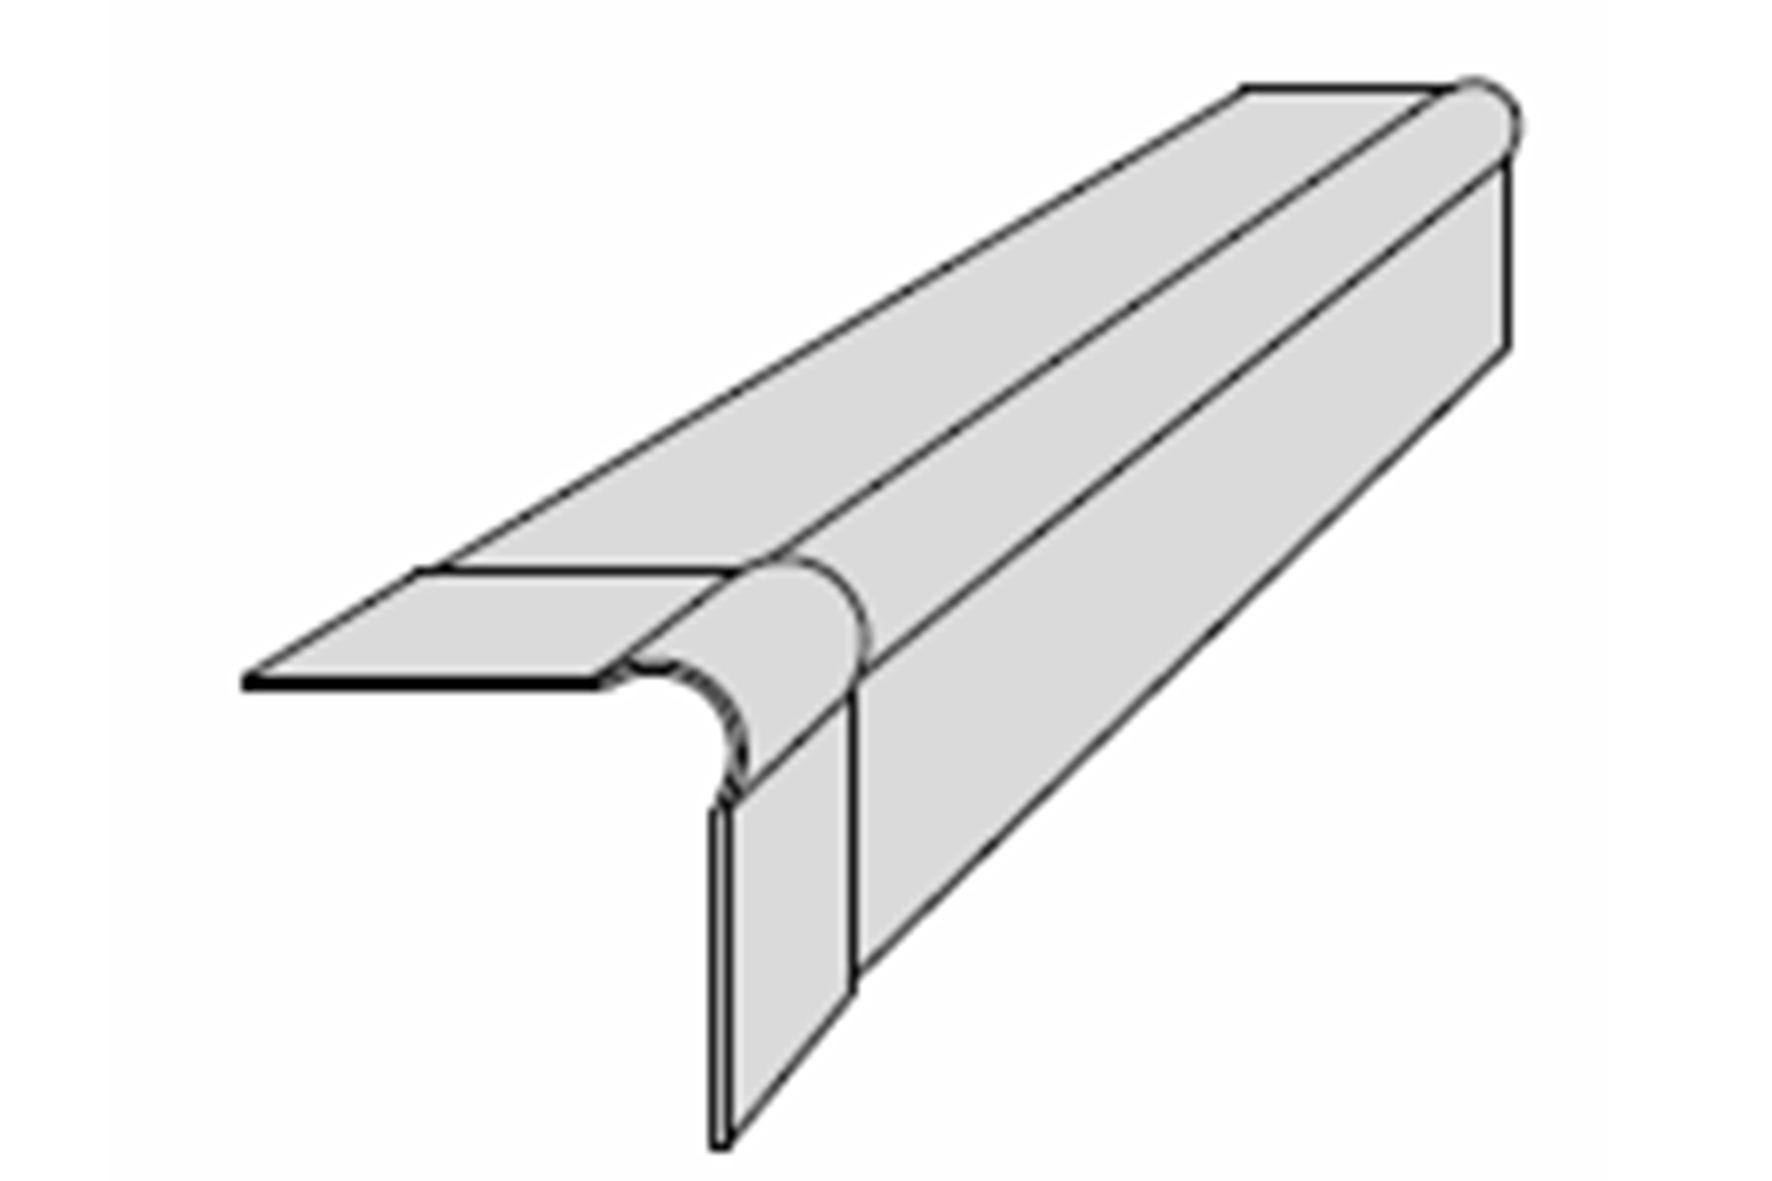 Rive fibro ciment b65 achat en ligne ou dans notre magasin - Depose plaque fibro ciment amiante ...